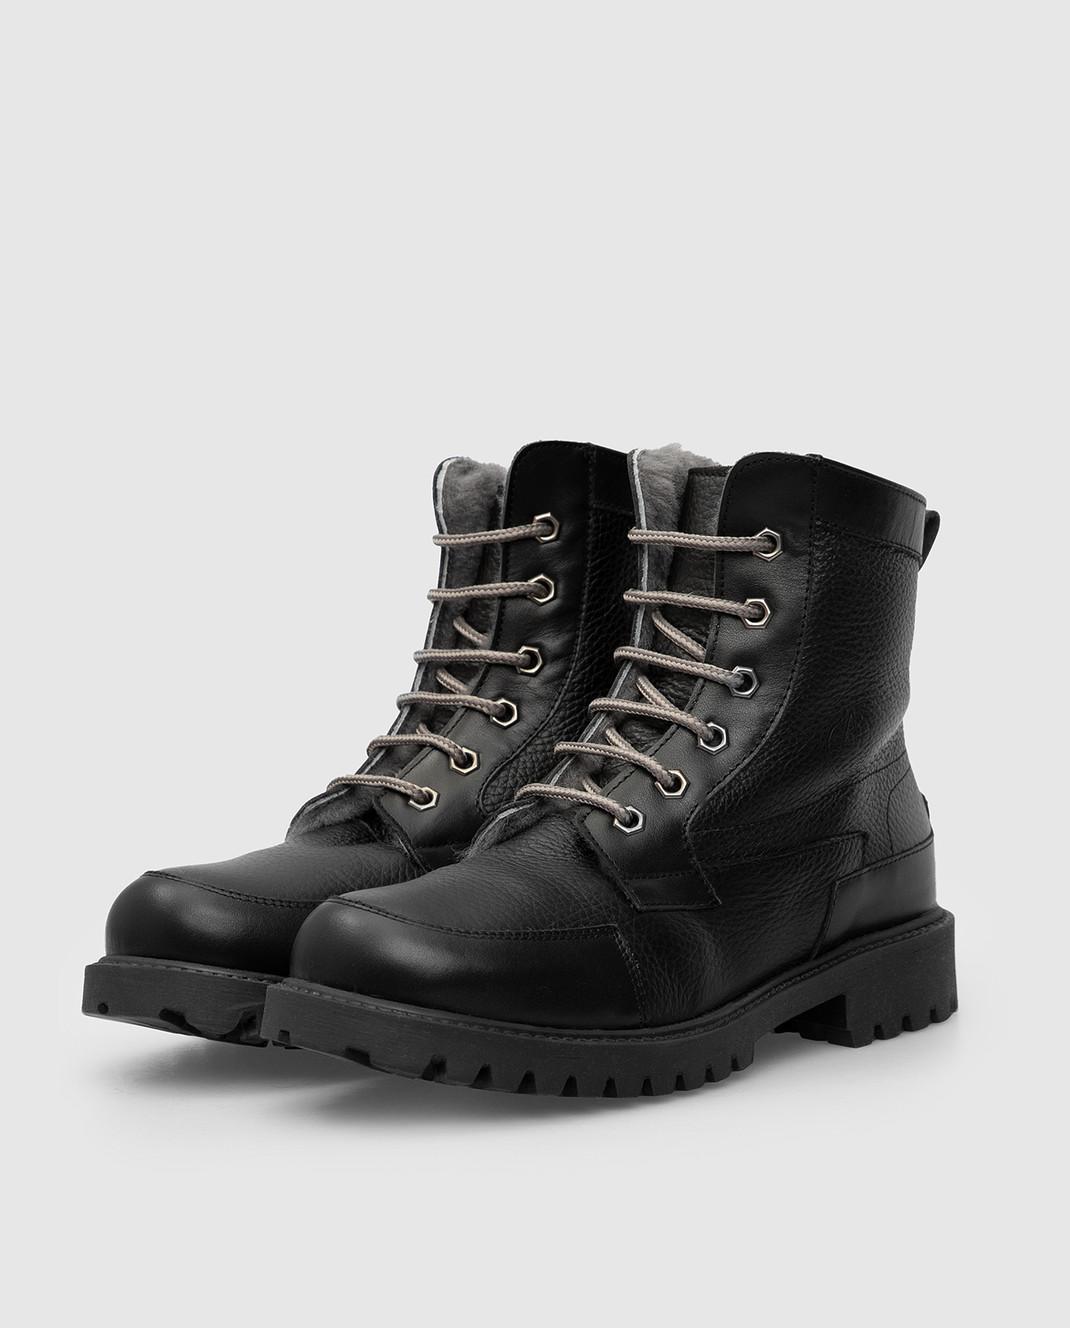 Zecchino D'oro Детские черные ботинки на меху A044123640 изображение 2